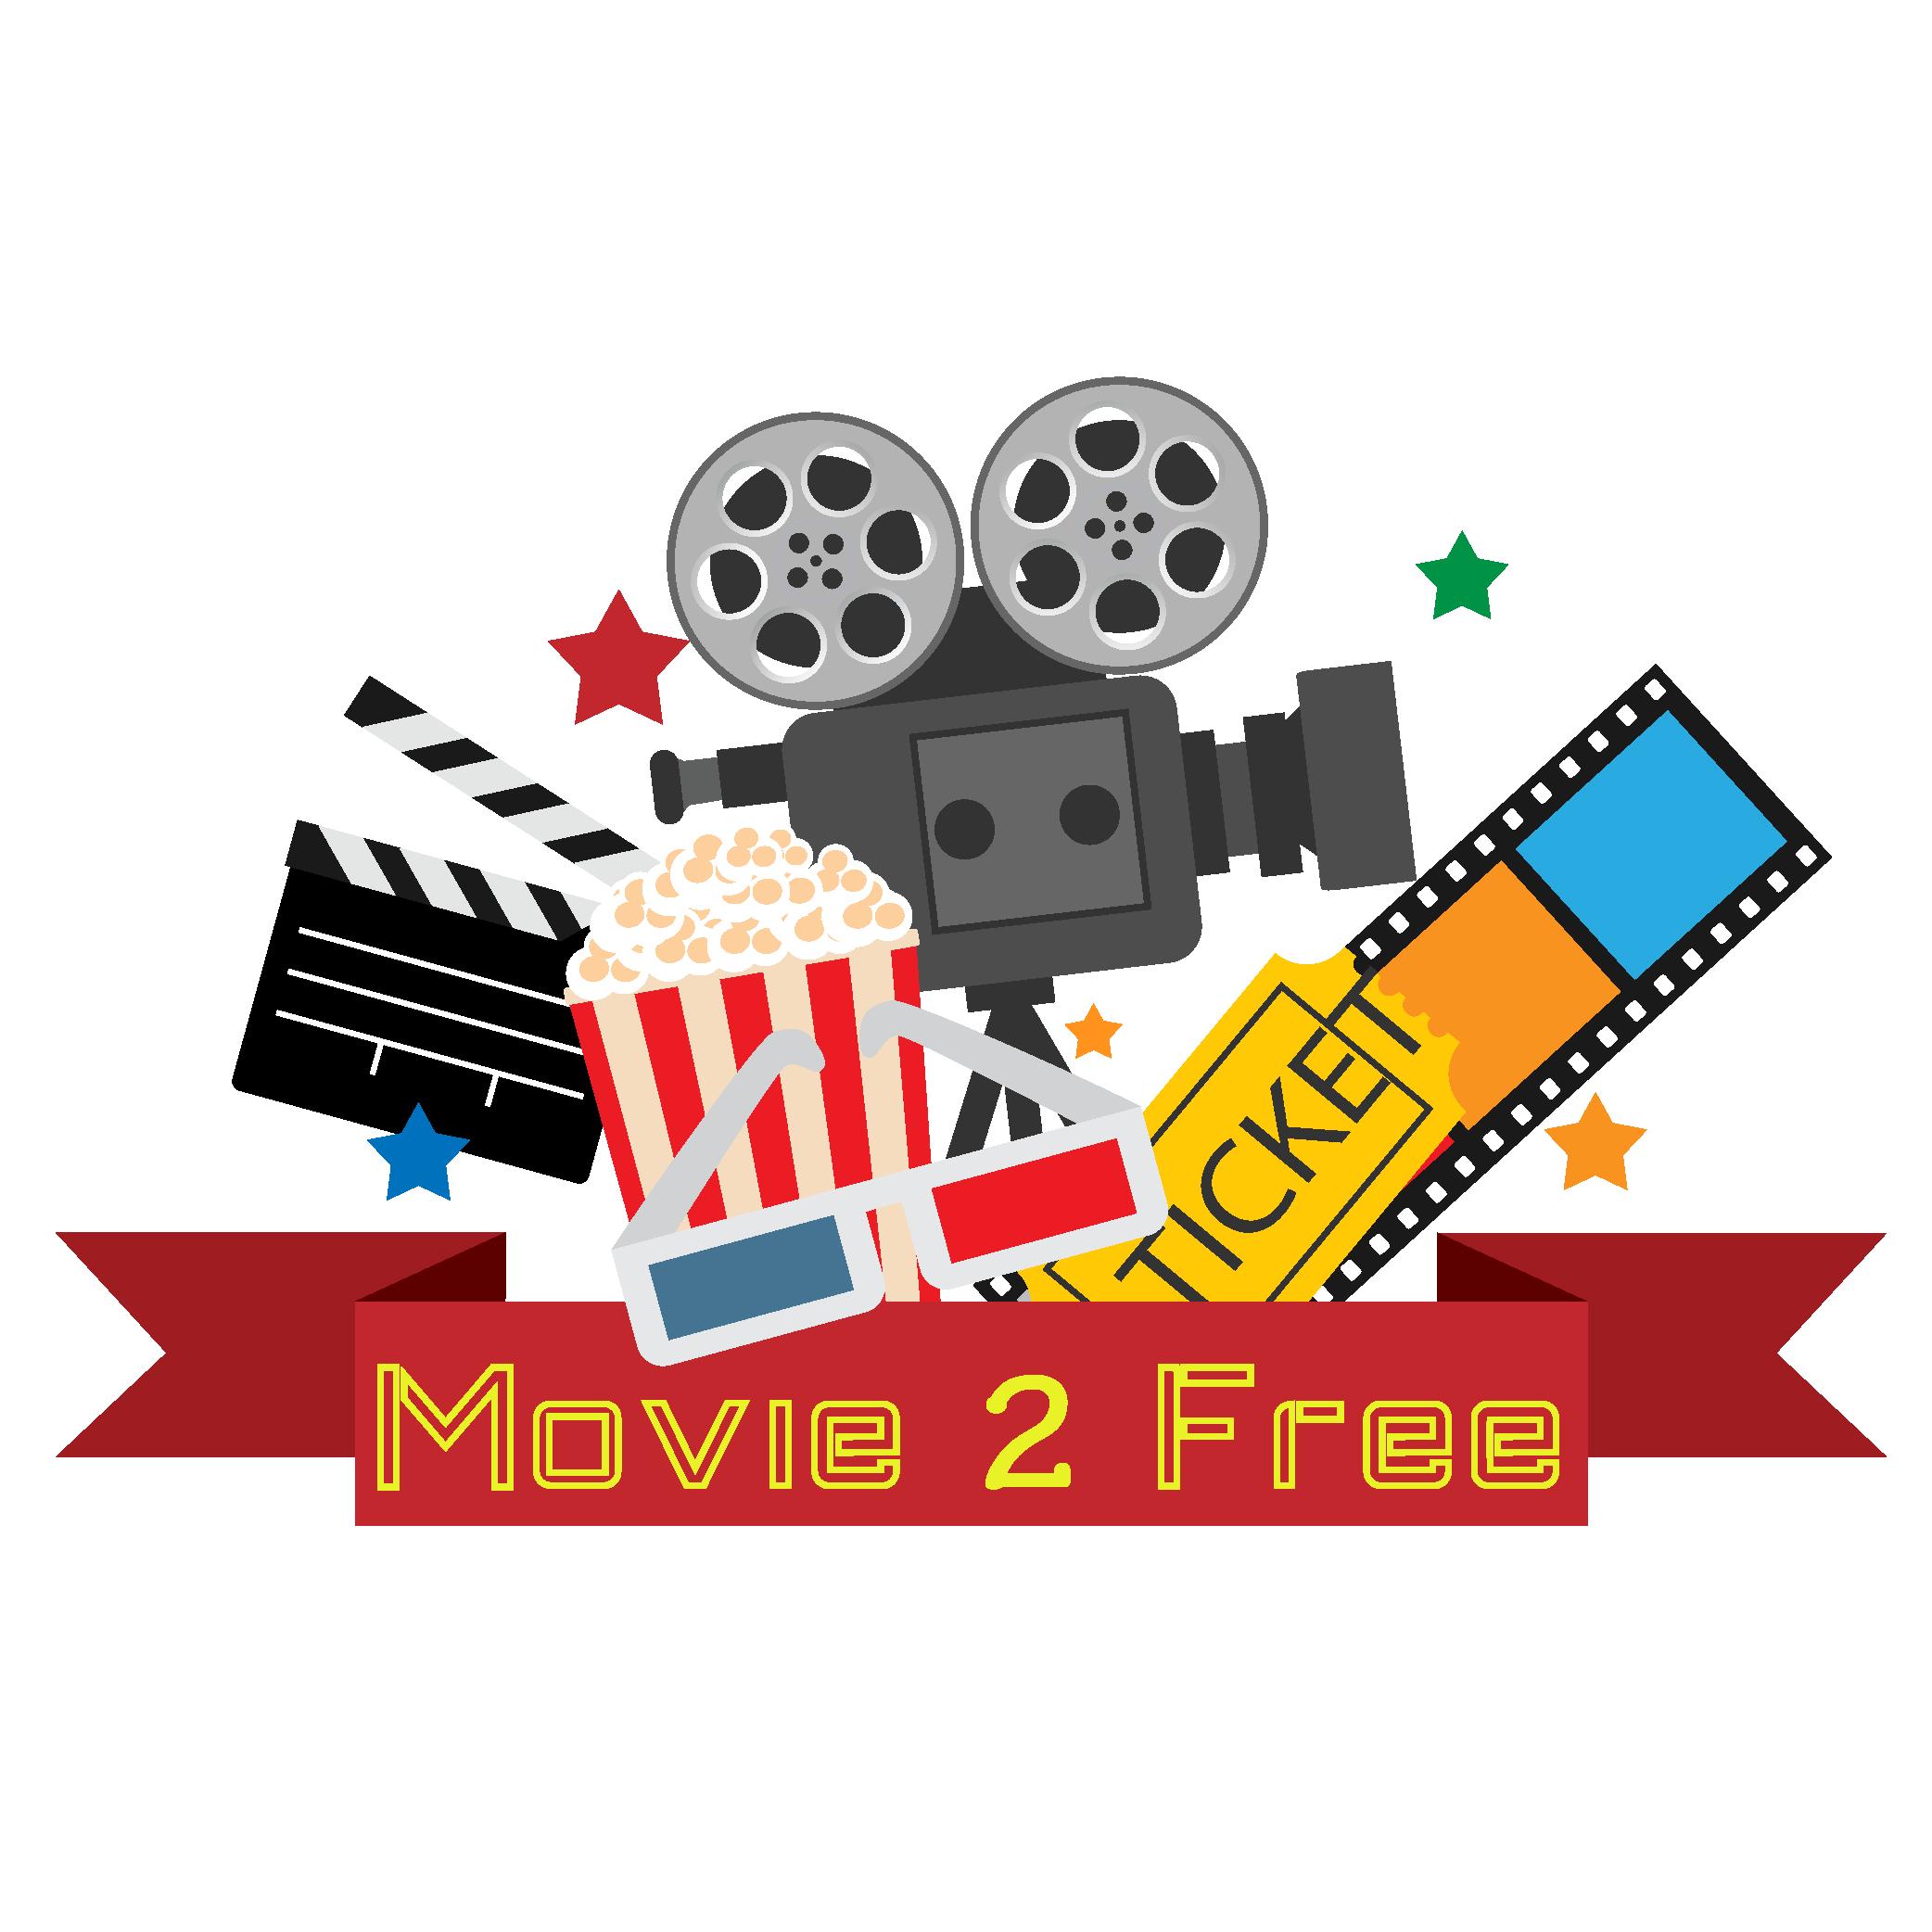 เว็บหนังออนไลน์ ดูหนังออนไลน์ พากย์ไทย เต็มเรื่อง ดูหนังใหม่ฟรี ดู หนังฟรี หนังชนโรง ลื่นไม่มีสะดุด 2021